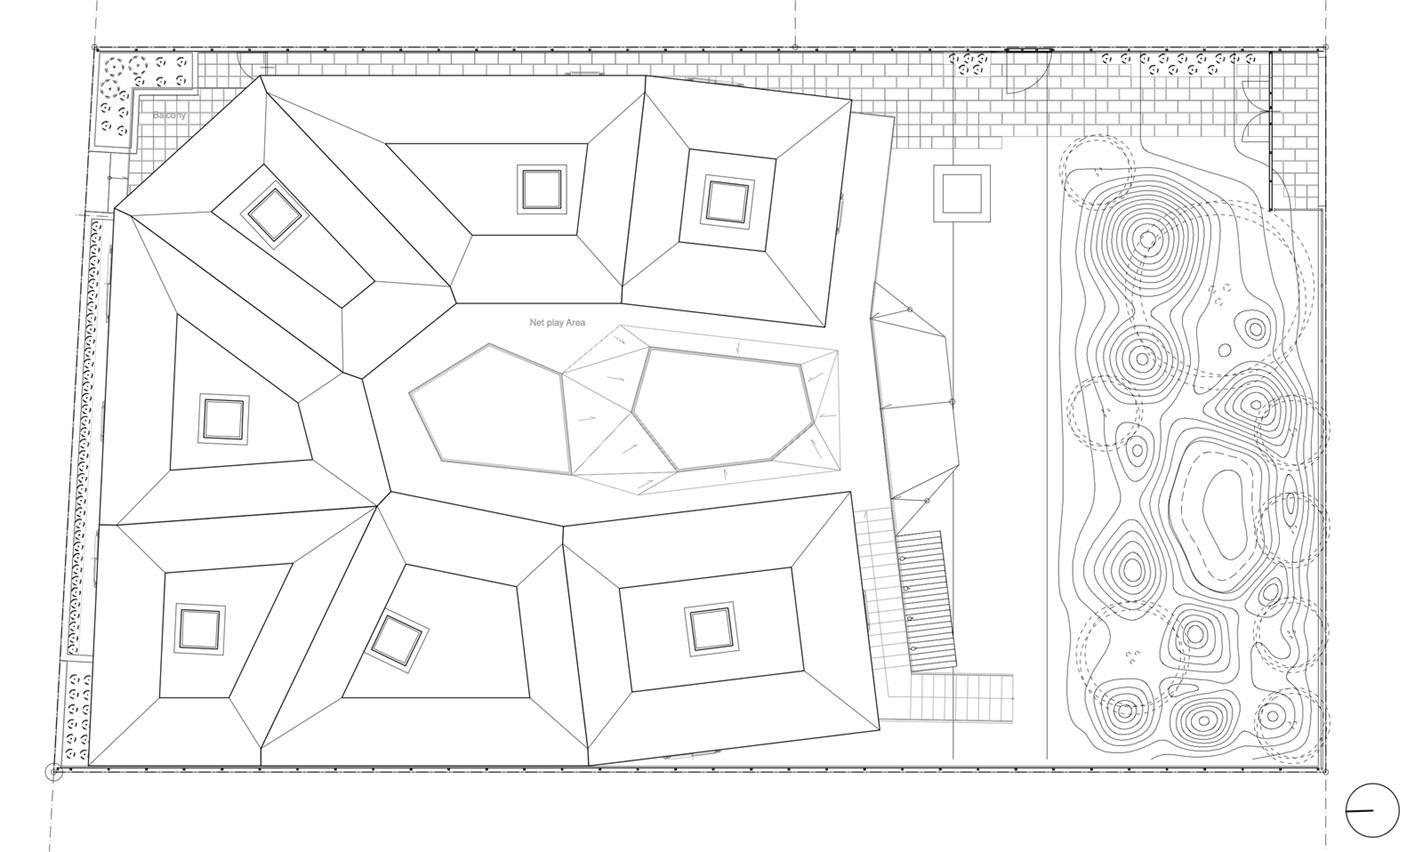 幼儿园建筑顶层平面方案设计